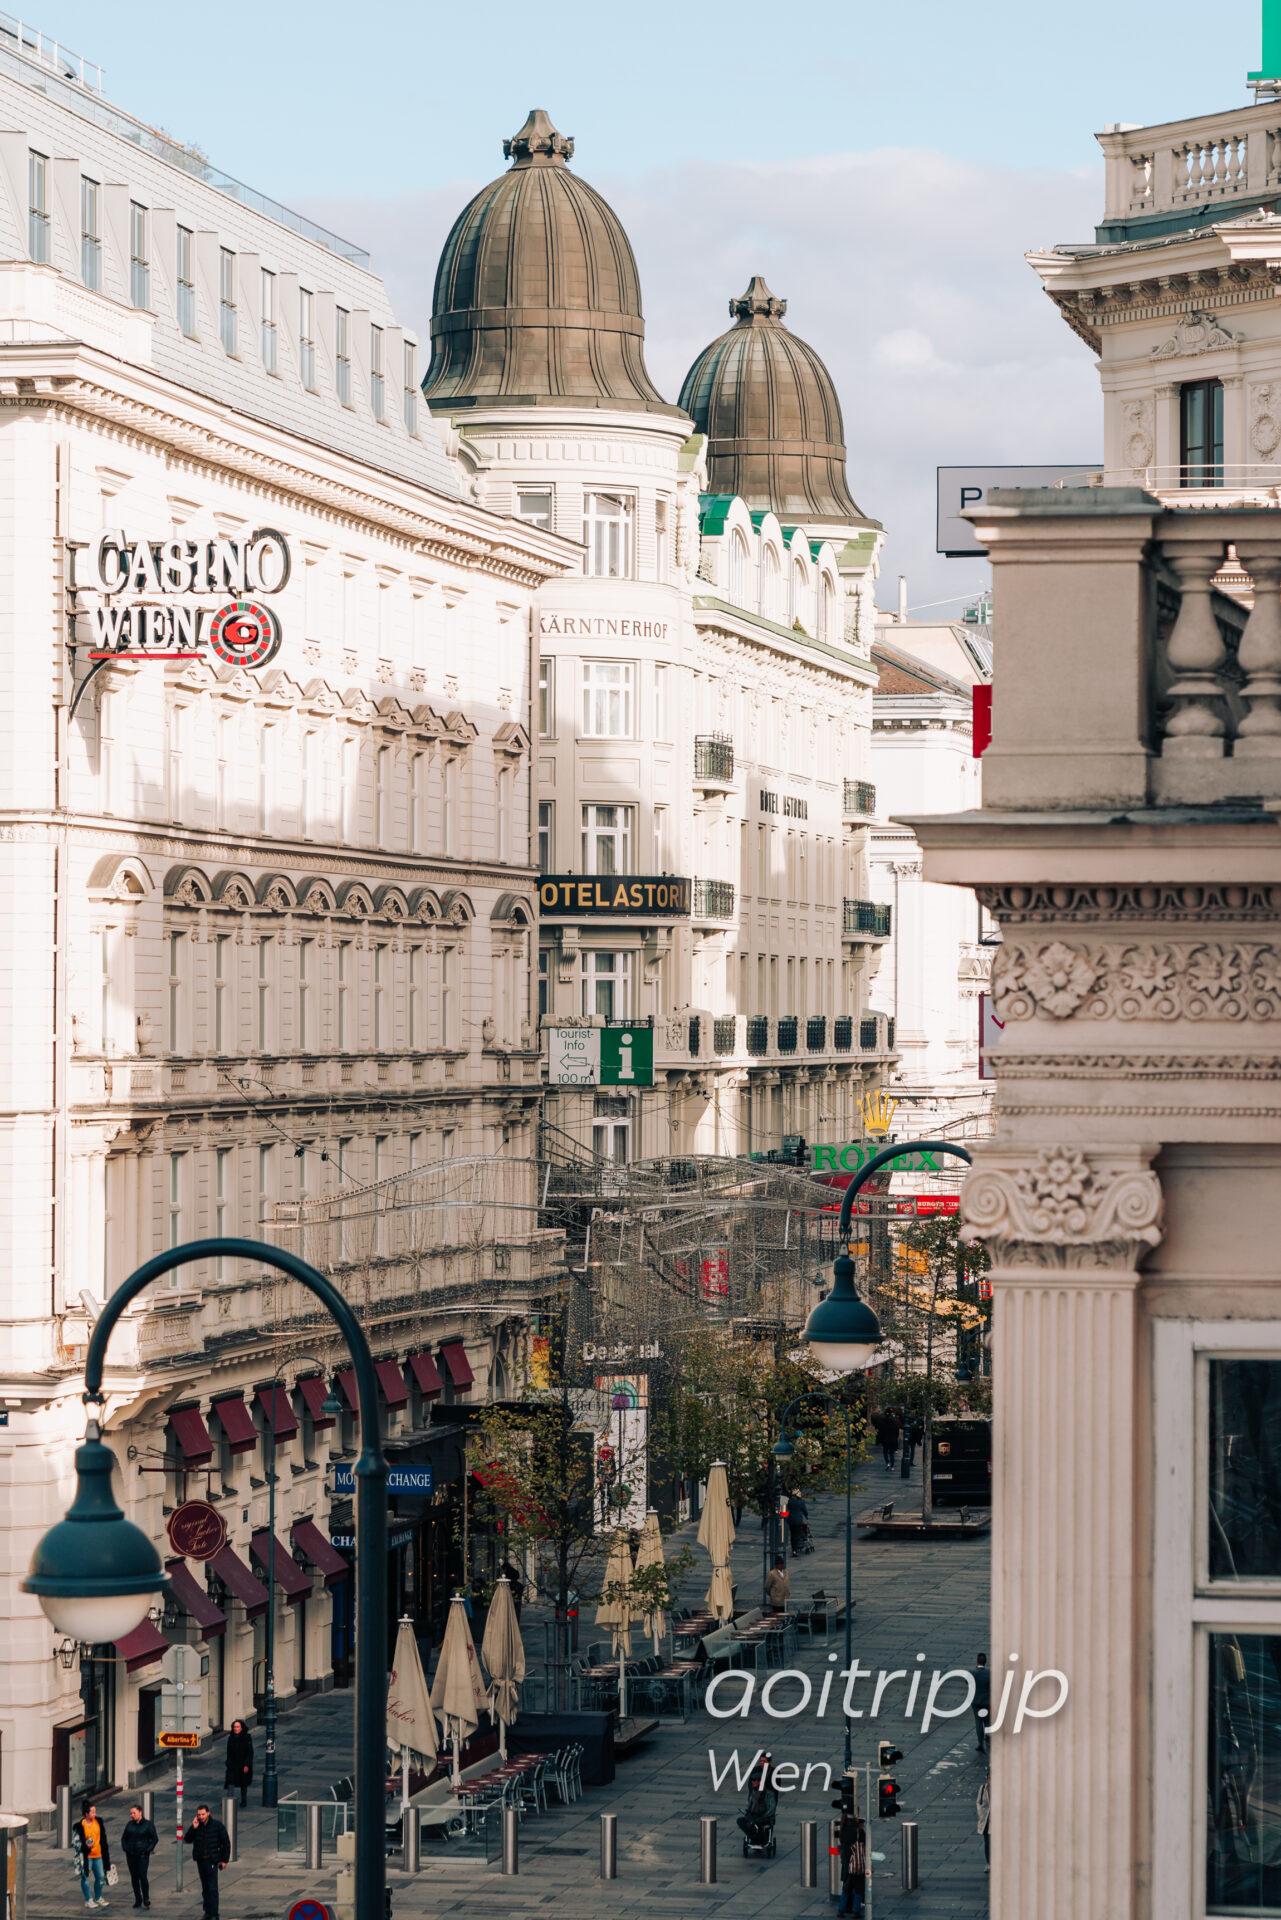 ウィーン旧市街 リンク内側 ケルントナー通り